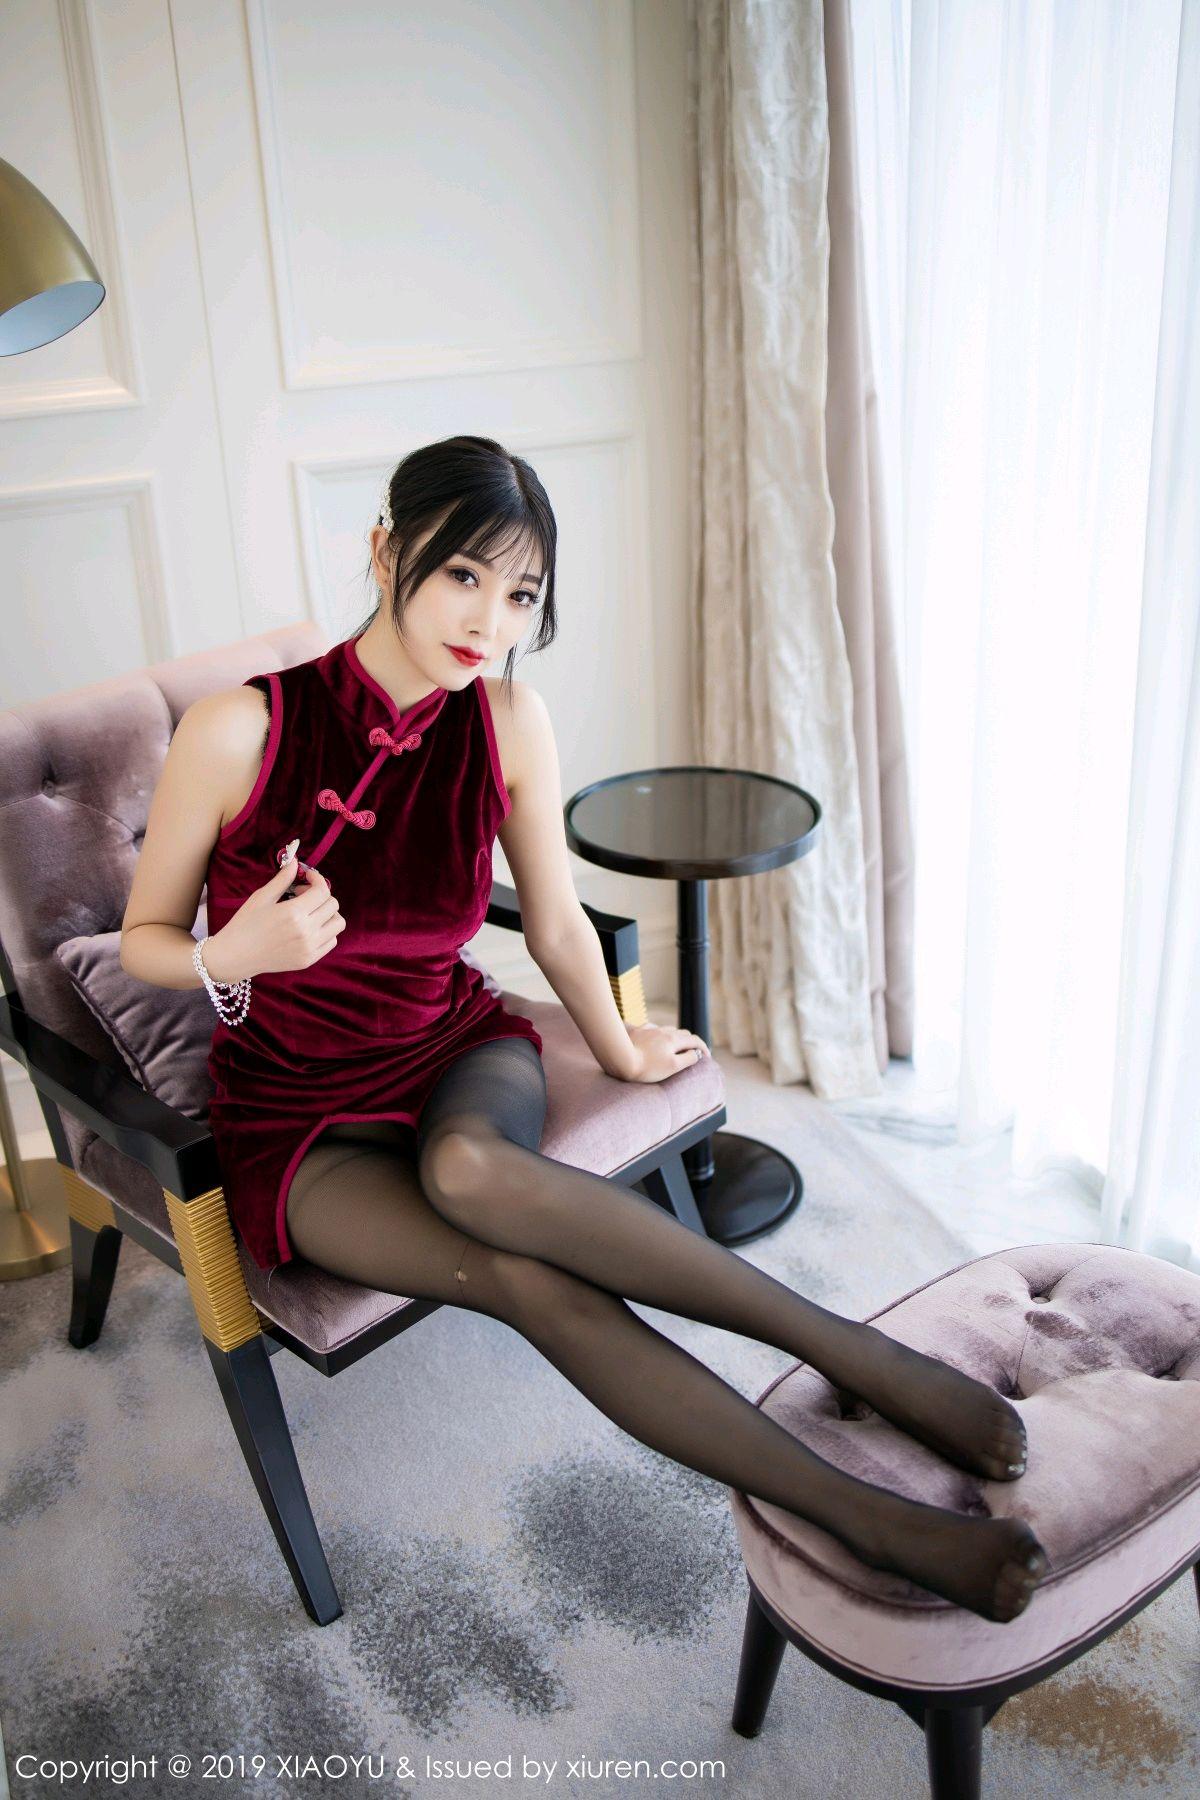 [XiaoYu] Vol.152 Yang Chen Chen 21P, Black Silk, Cheongsam, Tall, XiaoYu, Yang Chen Chen